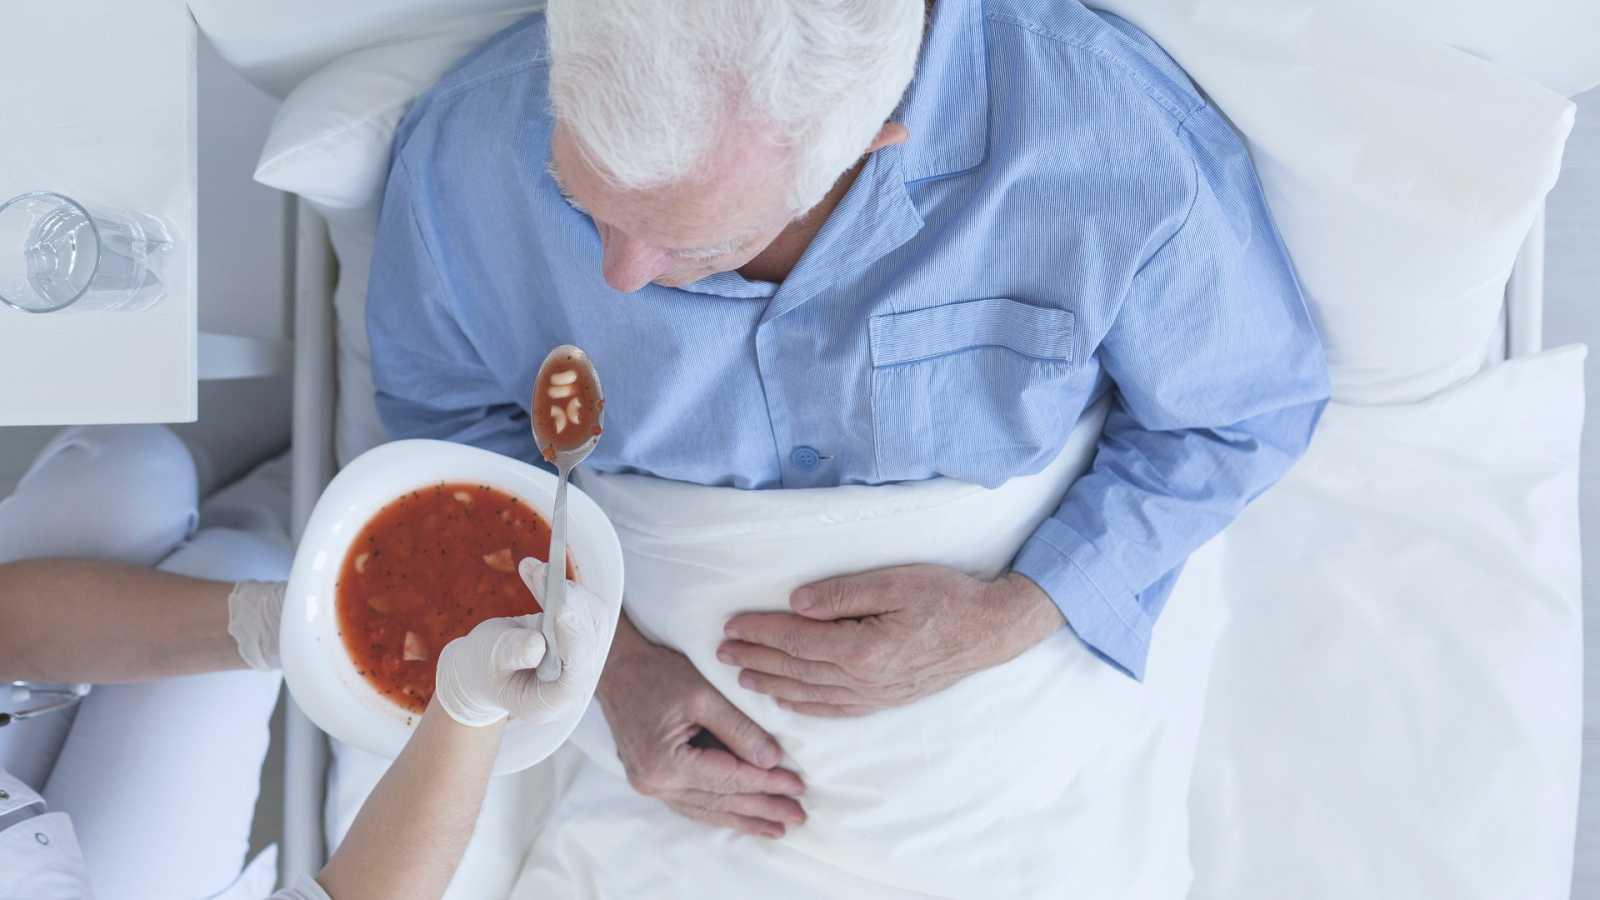 Las personas mayores son uno de los grupos con mayor riesgo de desnutrición, afirman los expertos.